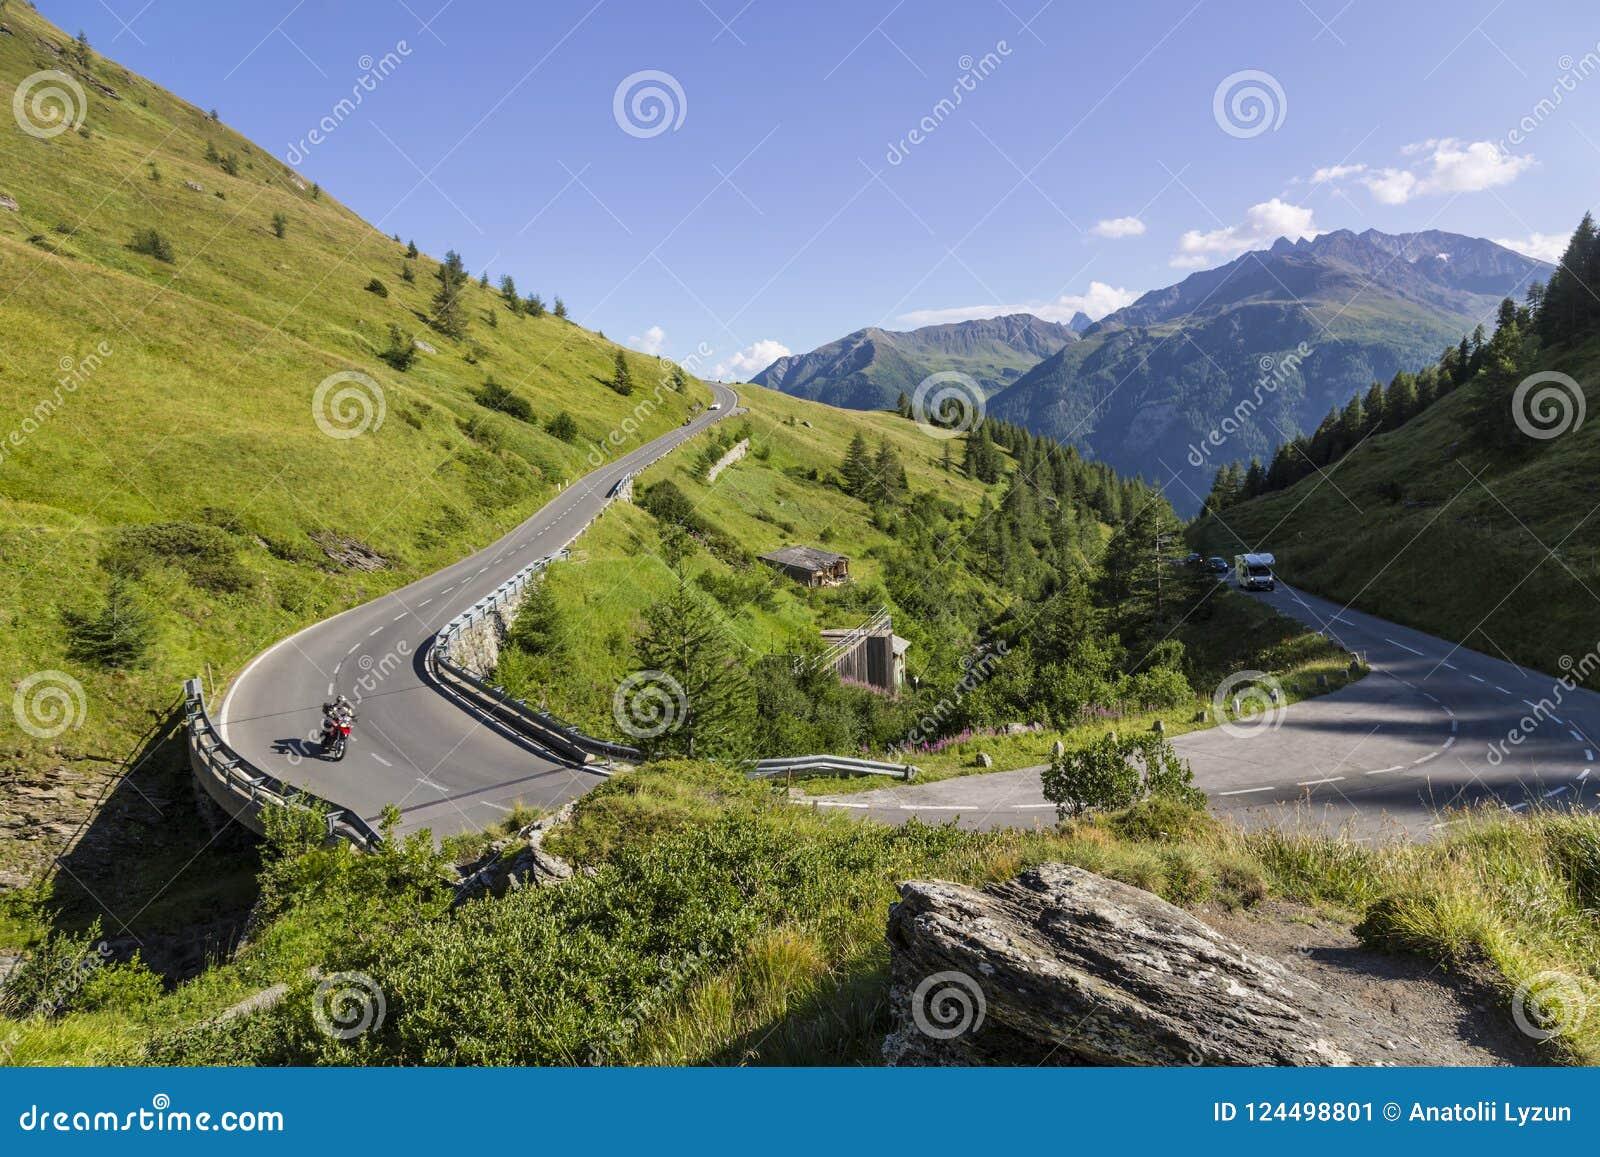 Alto camino alpestre de Grossglockner austria europa